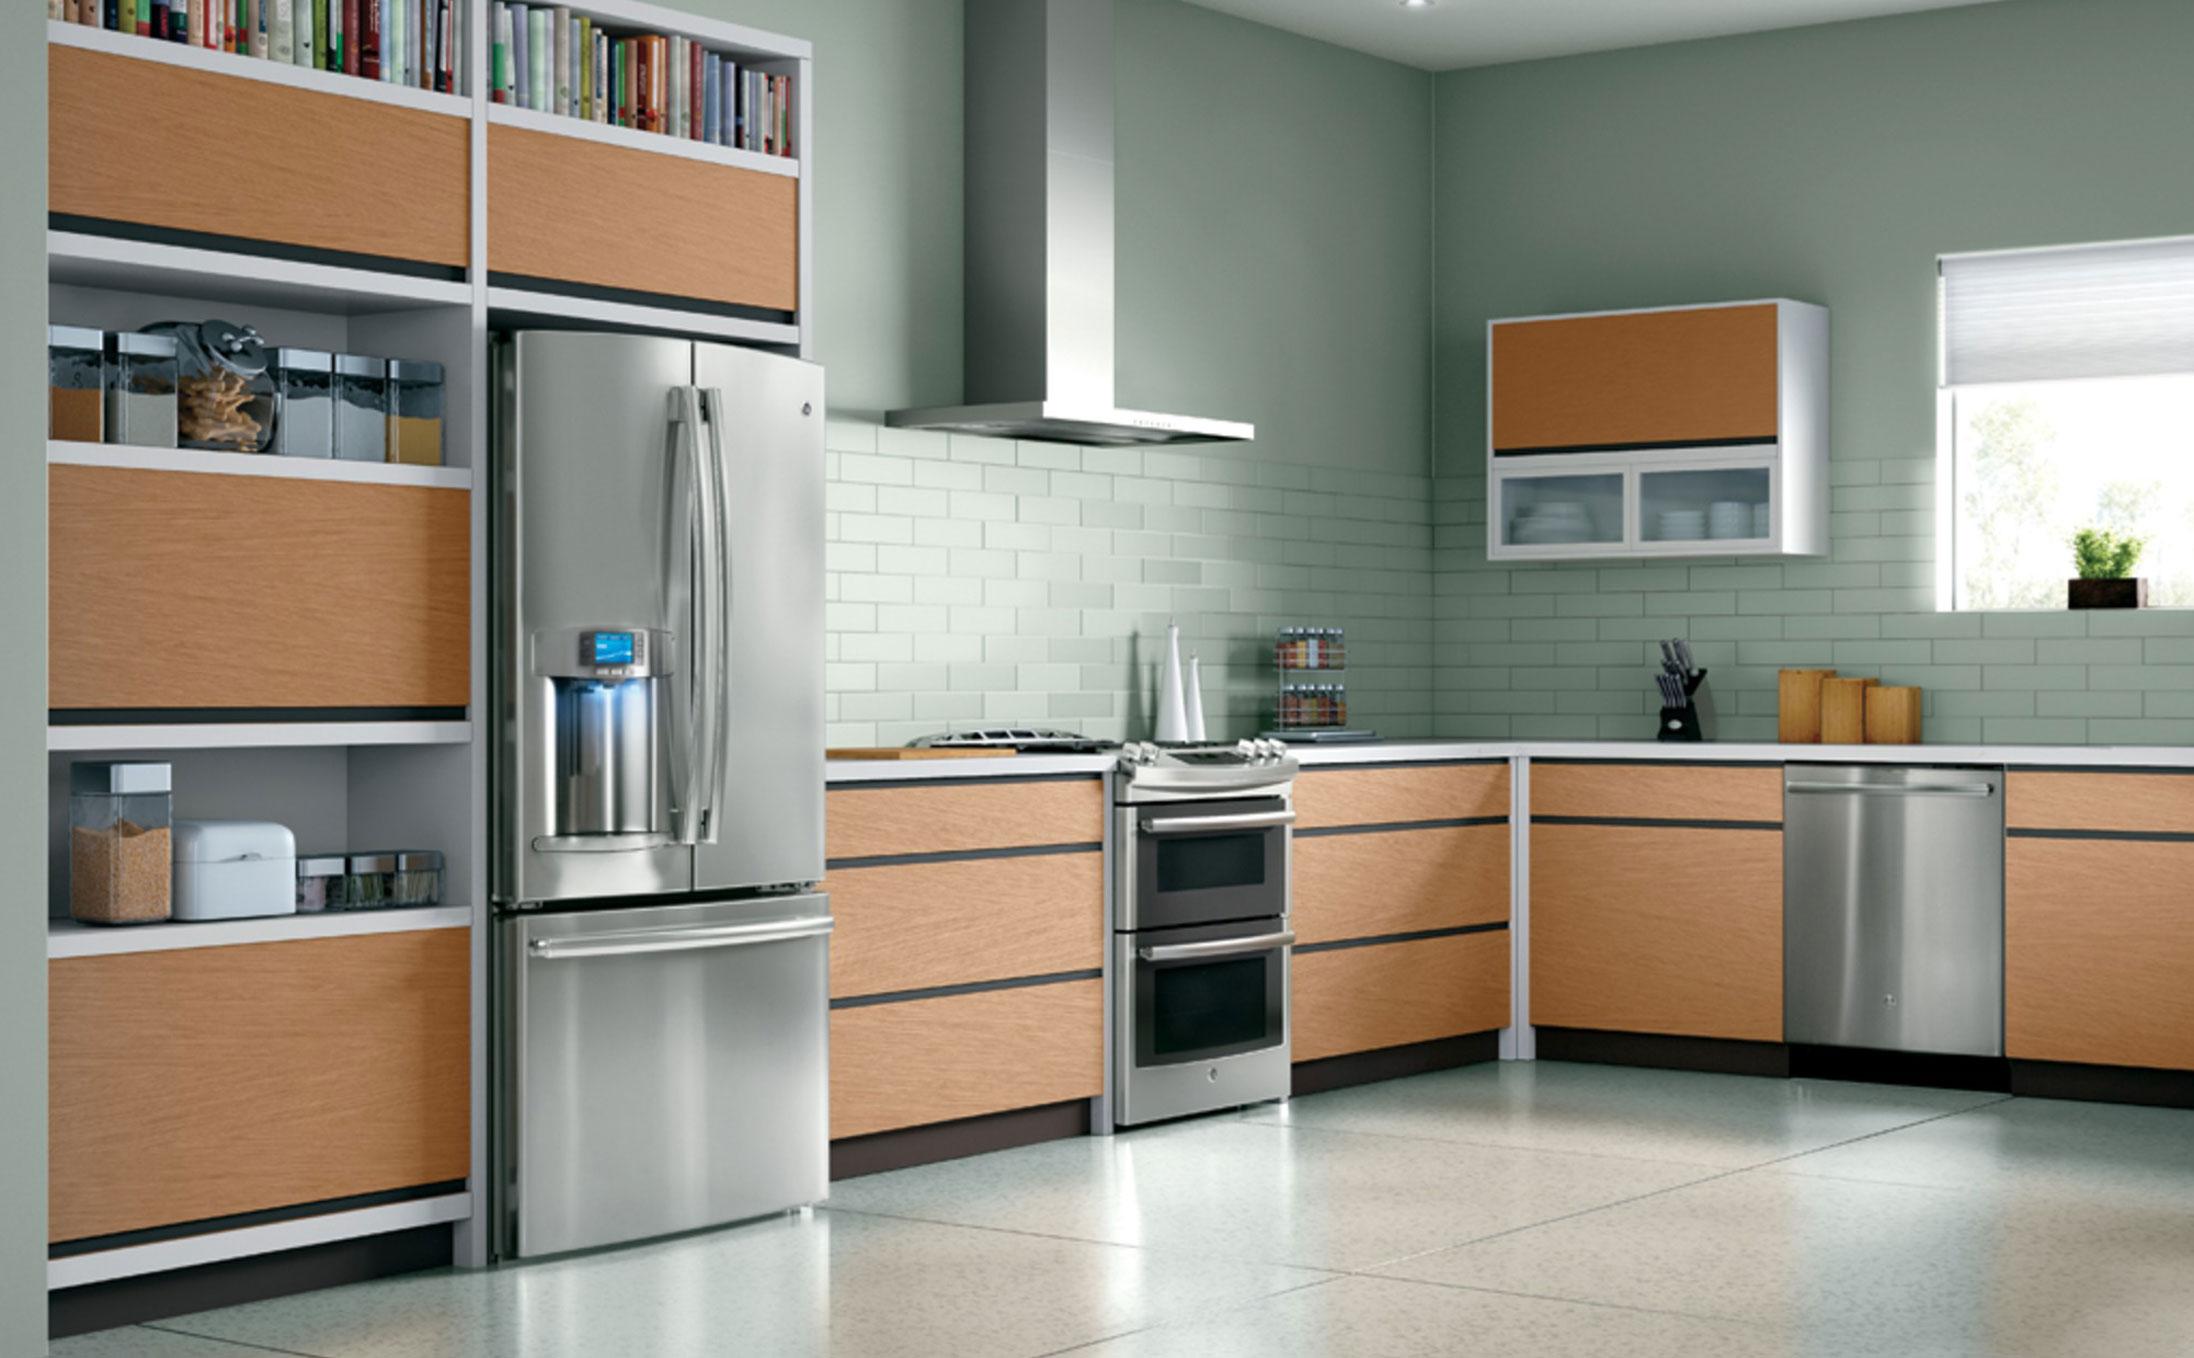 GE Kitchen Design Photo Gallery | GE Appliances